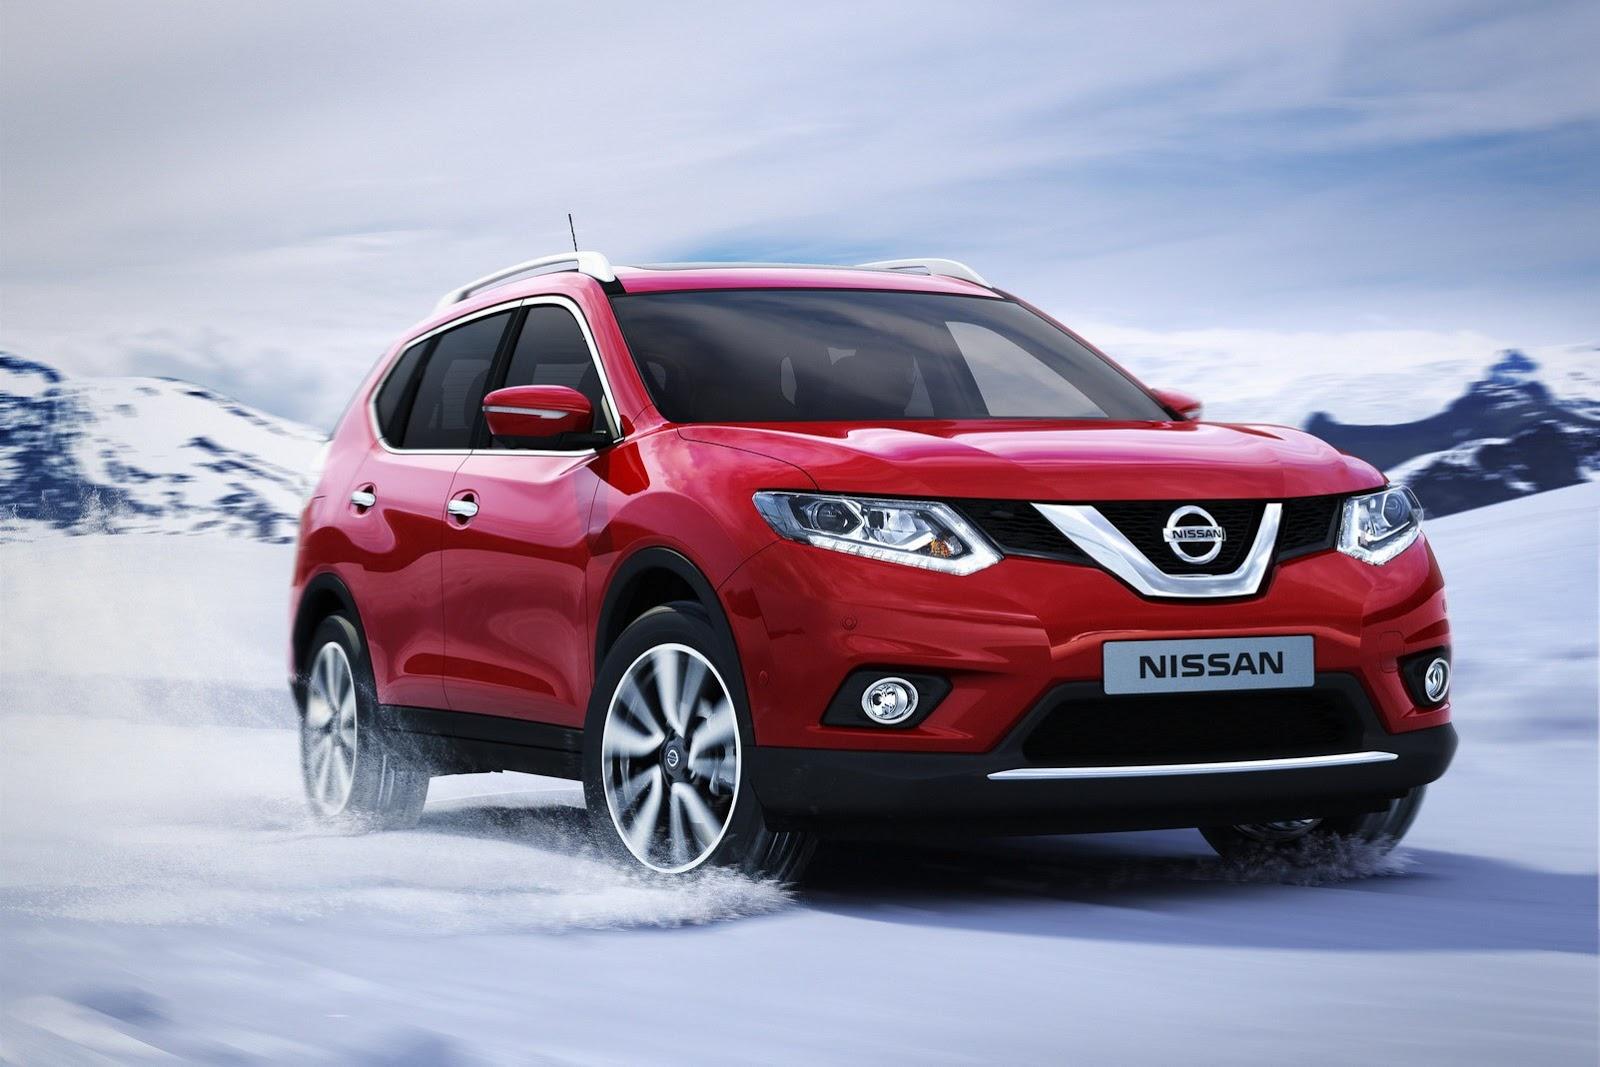 2014-Nissan-X-Trail-Rogue-9%25255B2%25255D.jpg